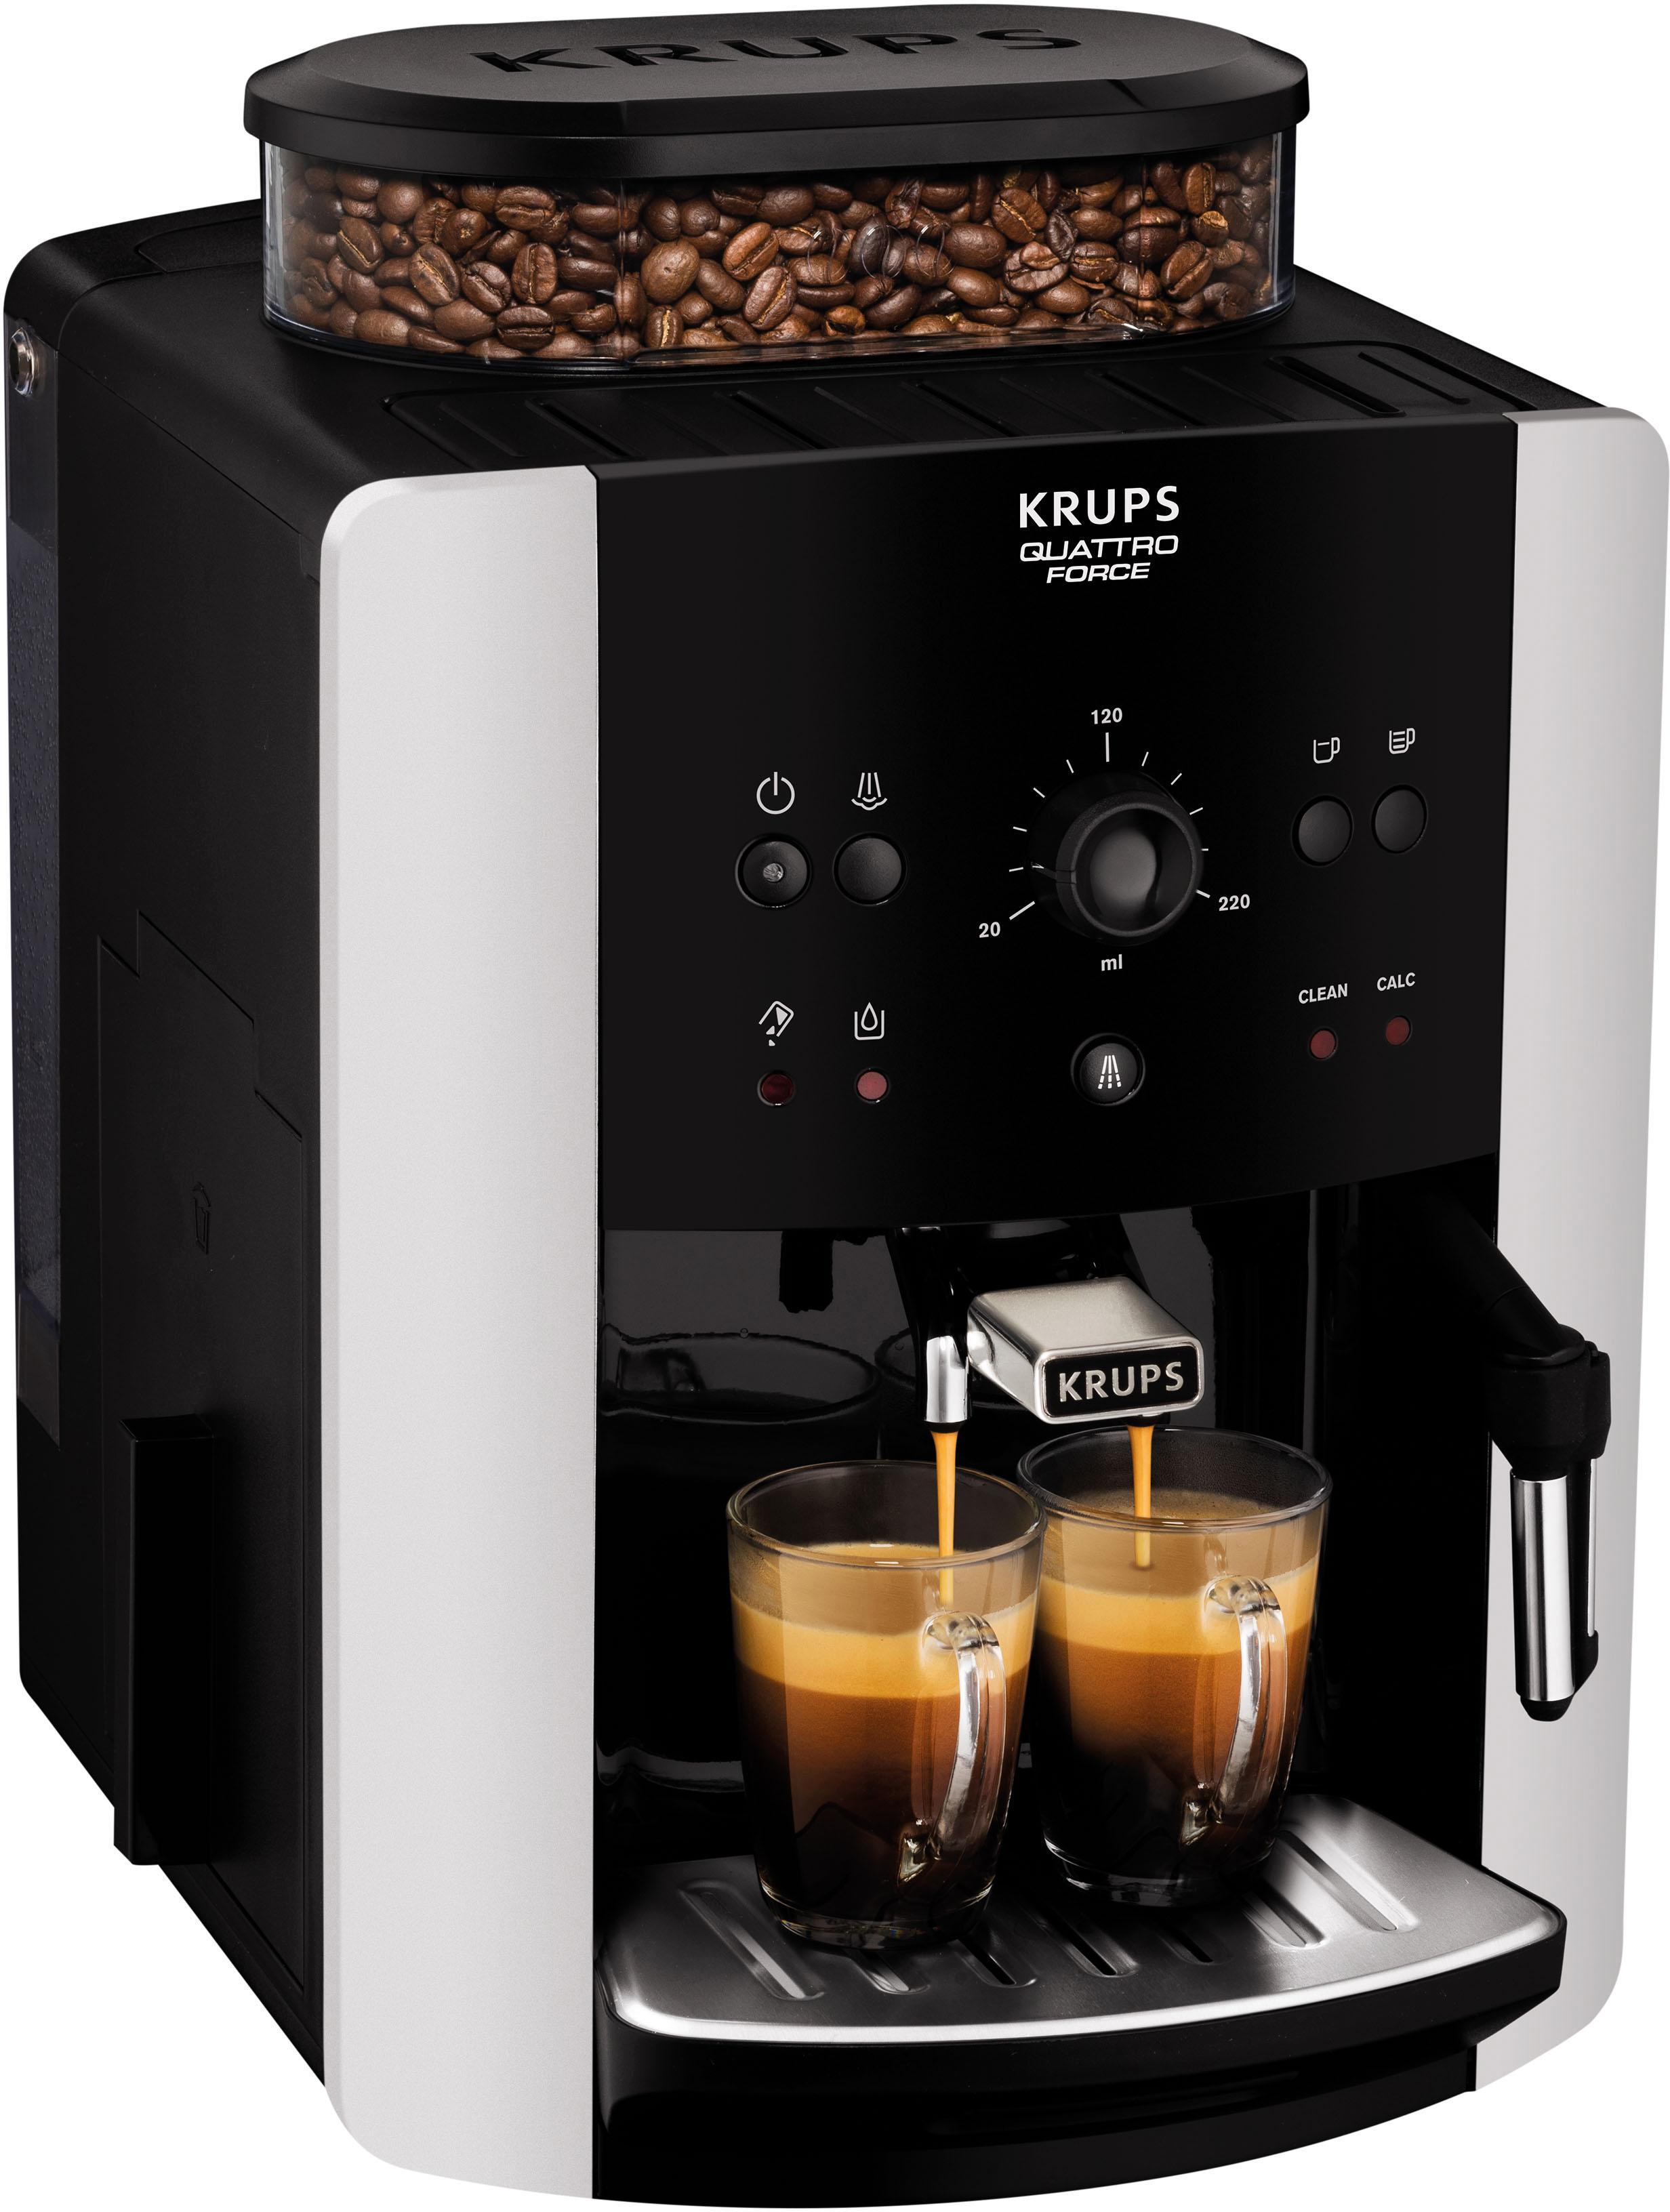 Krups Kaffeevollautomat EA8118 Arabica Quattro Force, 1, 8l Tank, Kegelmahlwerk | Küche und Esszimmer > Kaffee und Tee > Kaffeevollautomaten | Schwarz | Metall | Krups